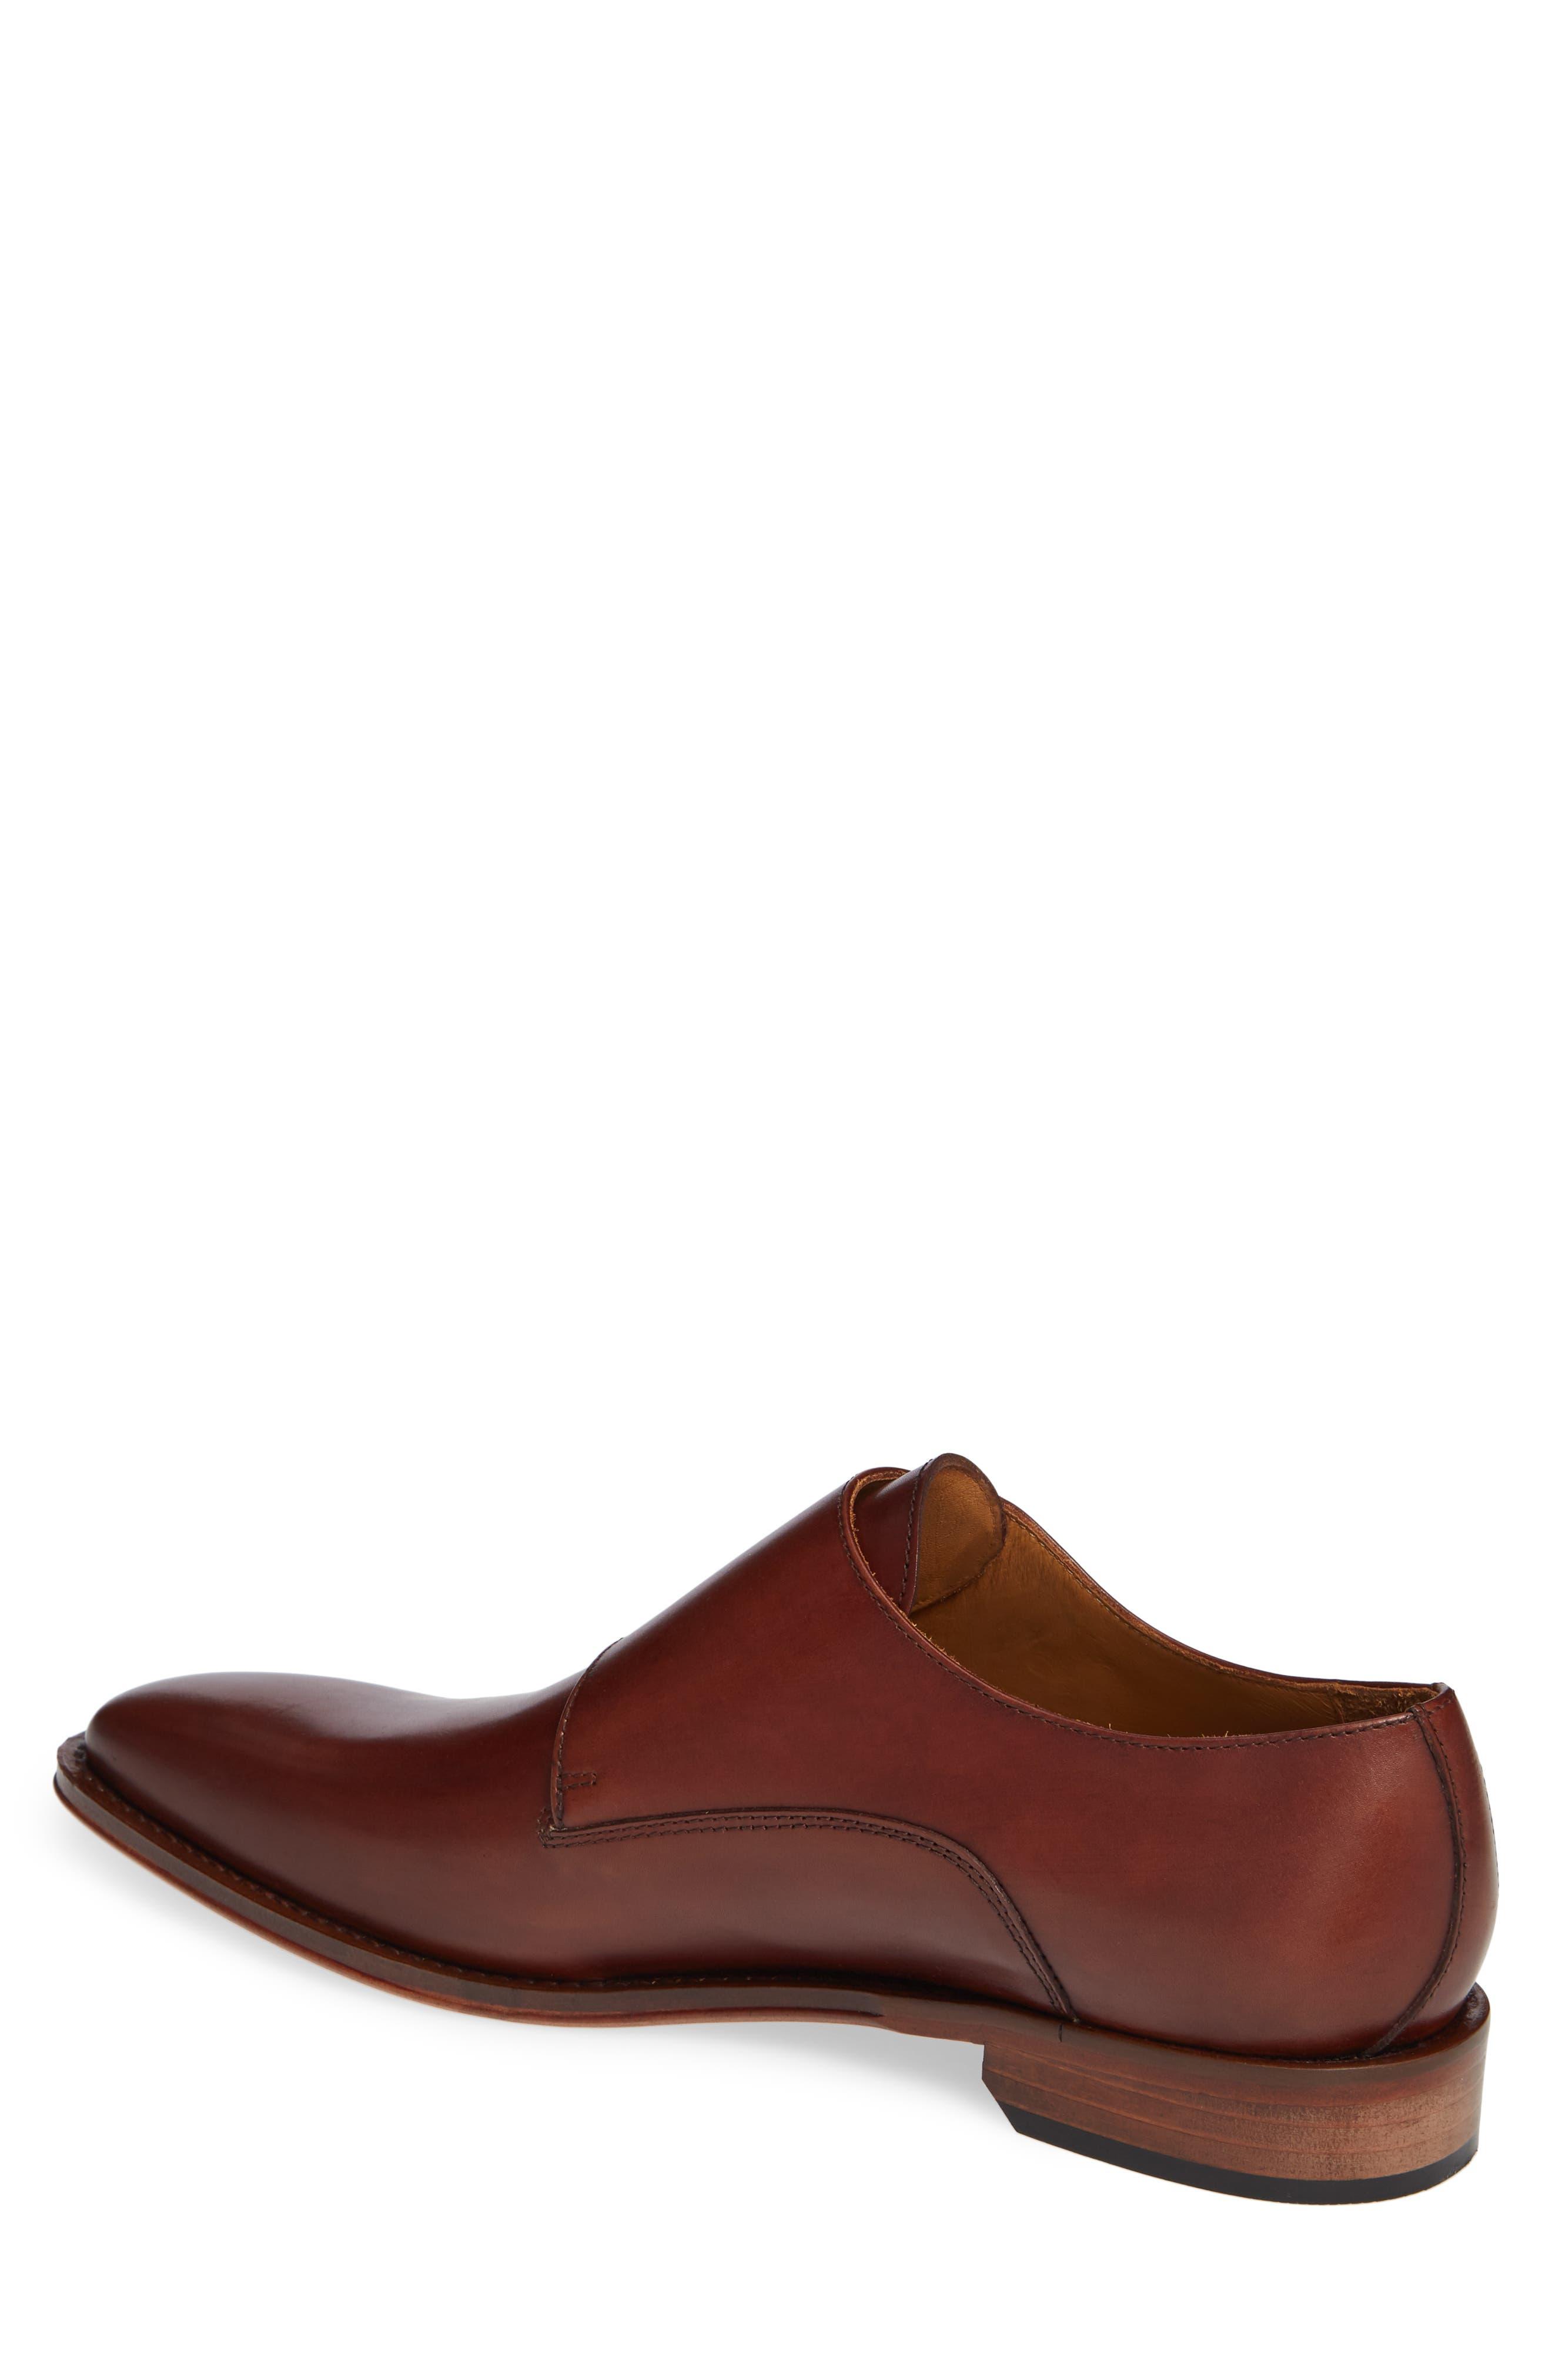 Trento Double Monk Strap Shoe,                             Alternate thumbnail 2, color,                             236